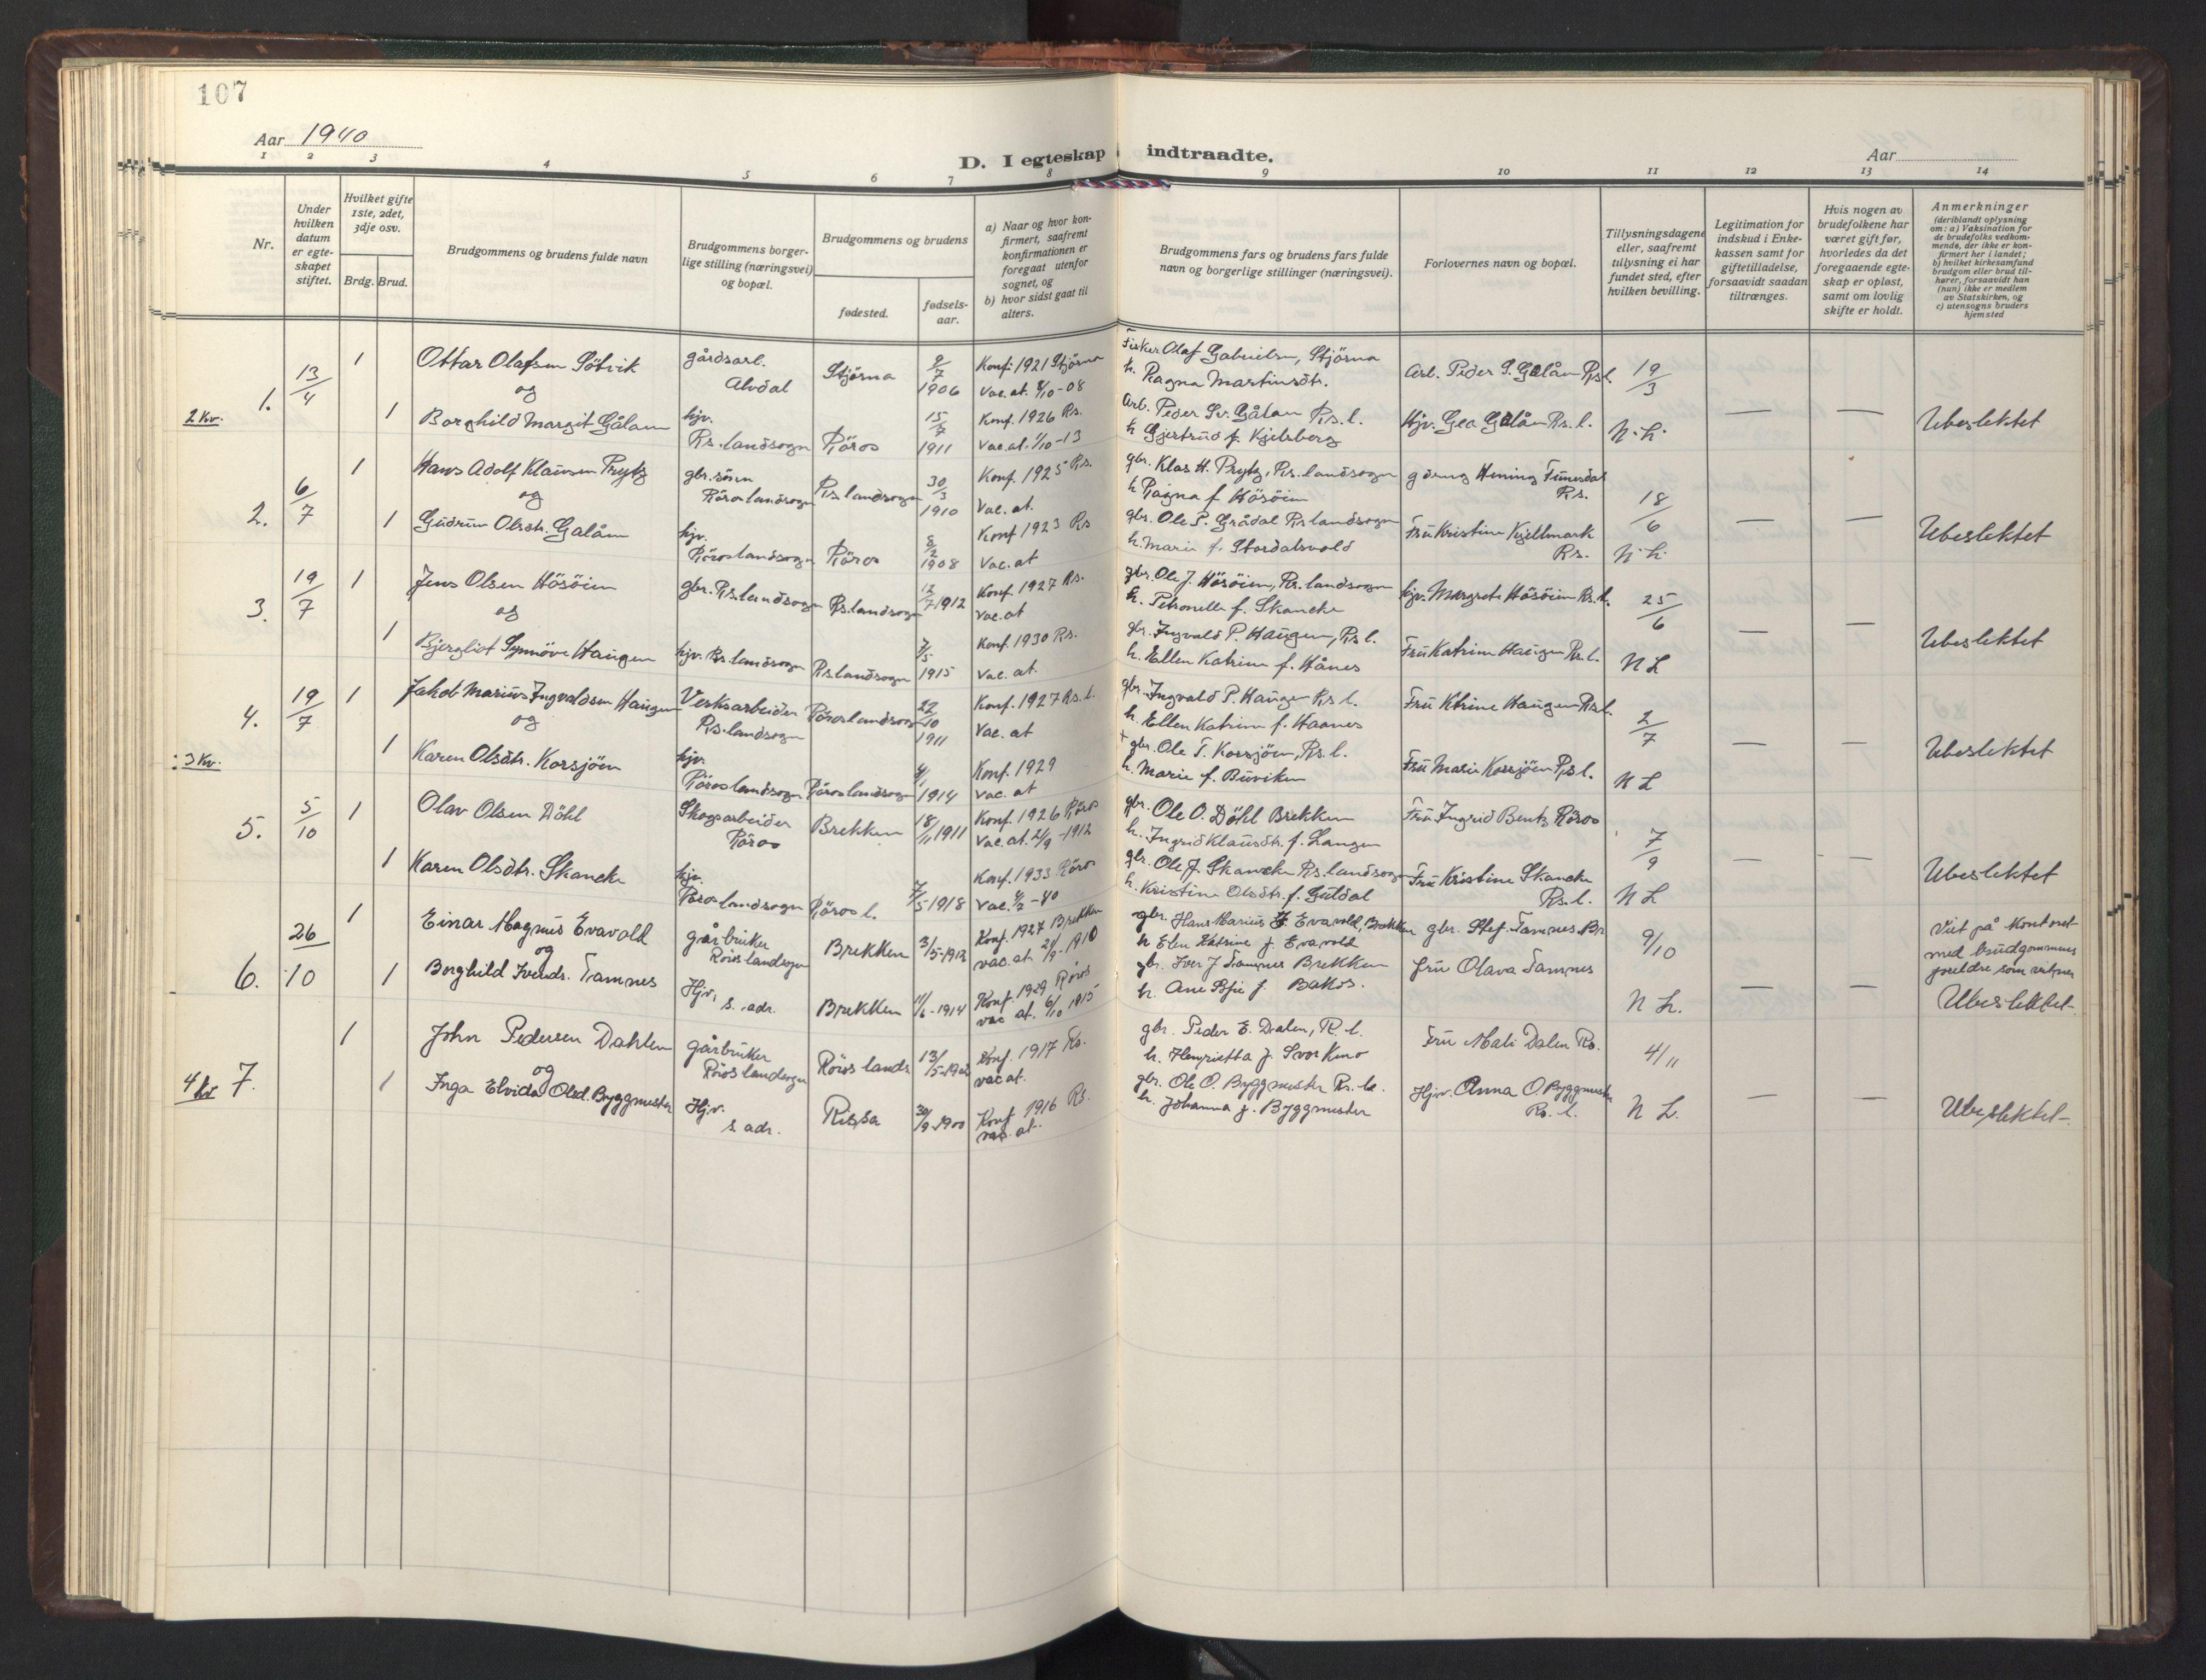 SAT, Ministerialprotokoller, klokkerbøker og fødselsregistre - Sør-Trøndelag, 681/L0944: Klokkerbok nr. 681C08, 1926-1954, s. 107